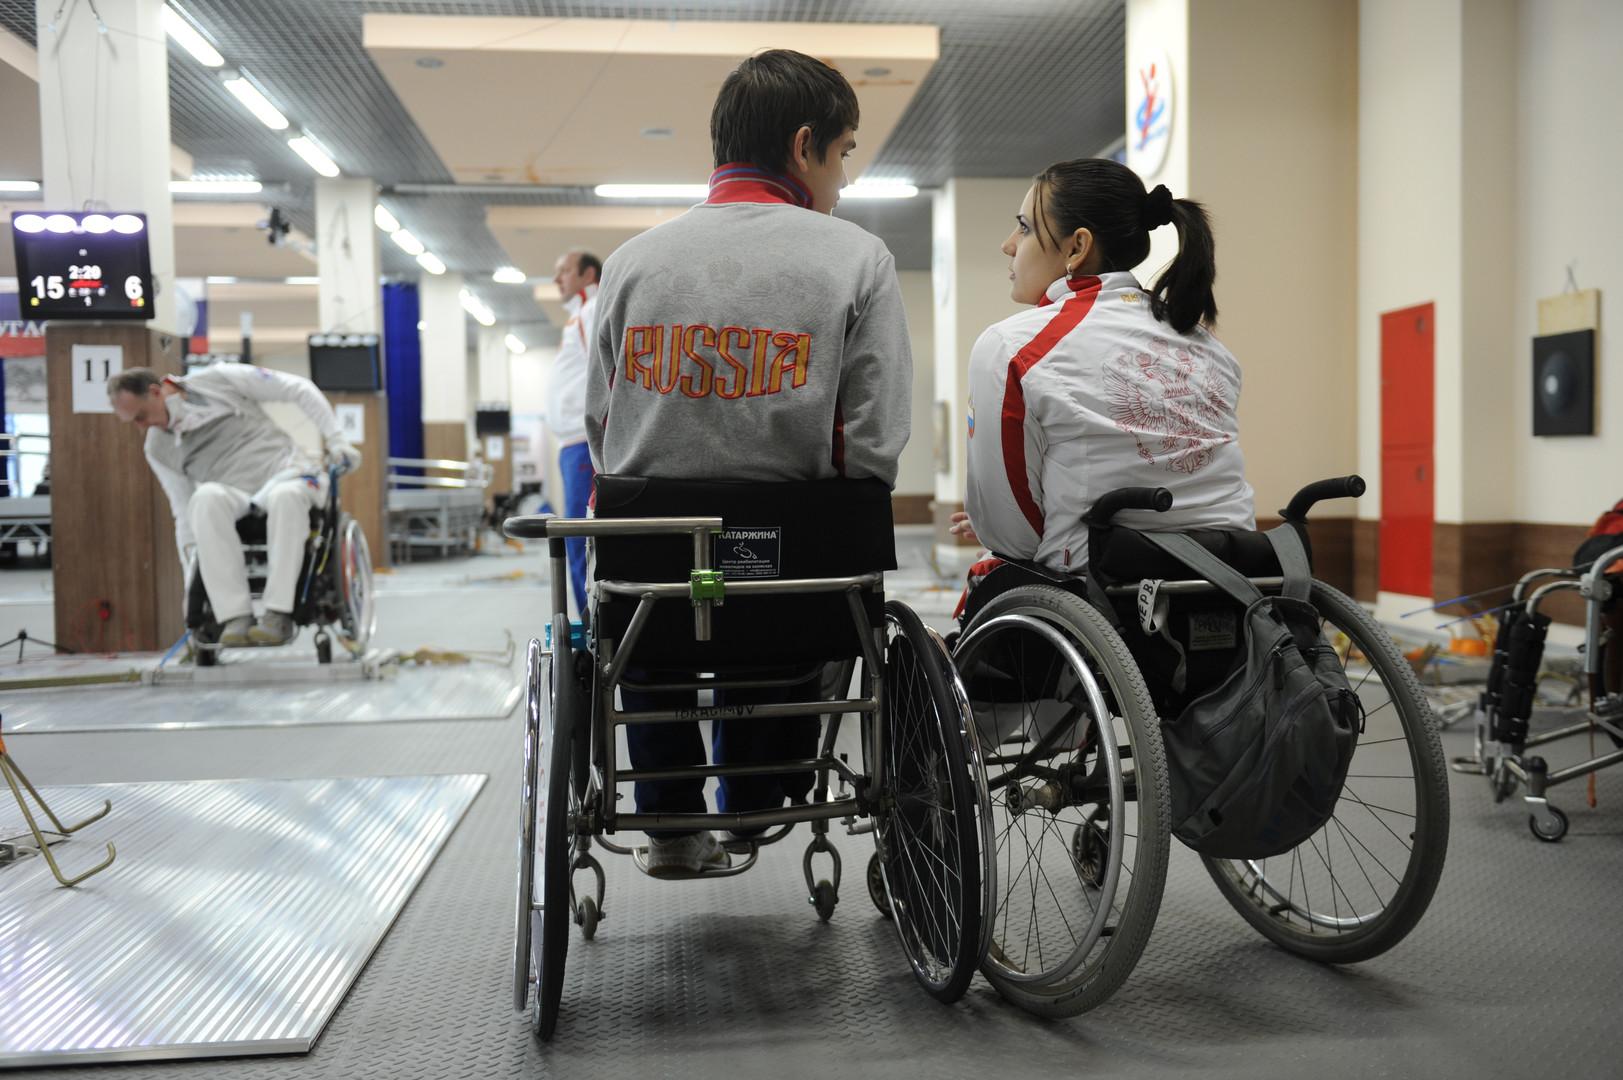 У нас есть шансы: эксперты RT об отстранении паралимпийской сборной